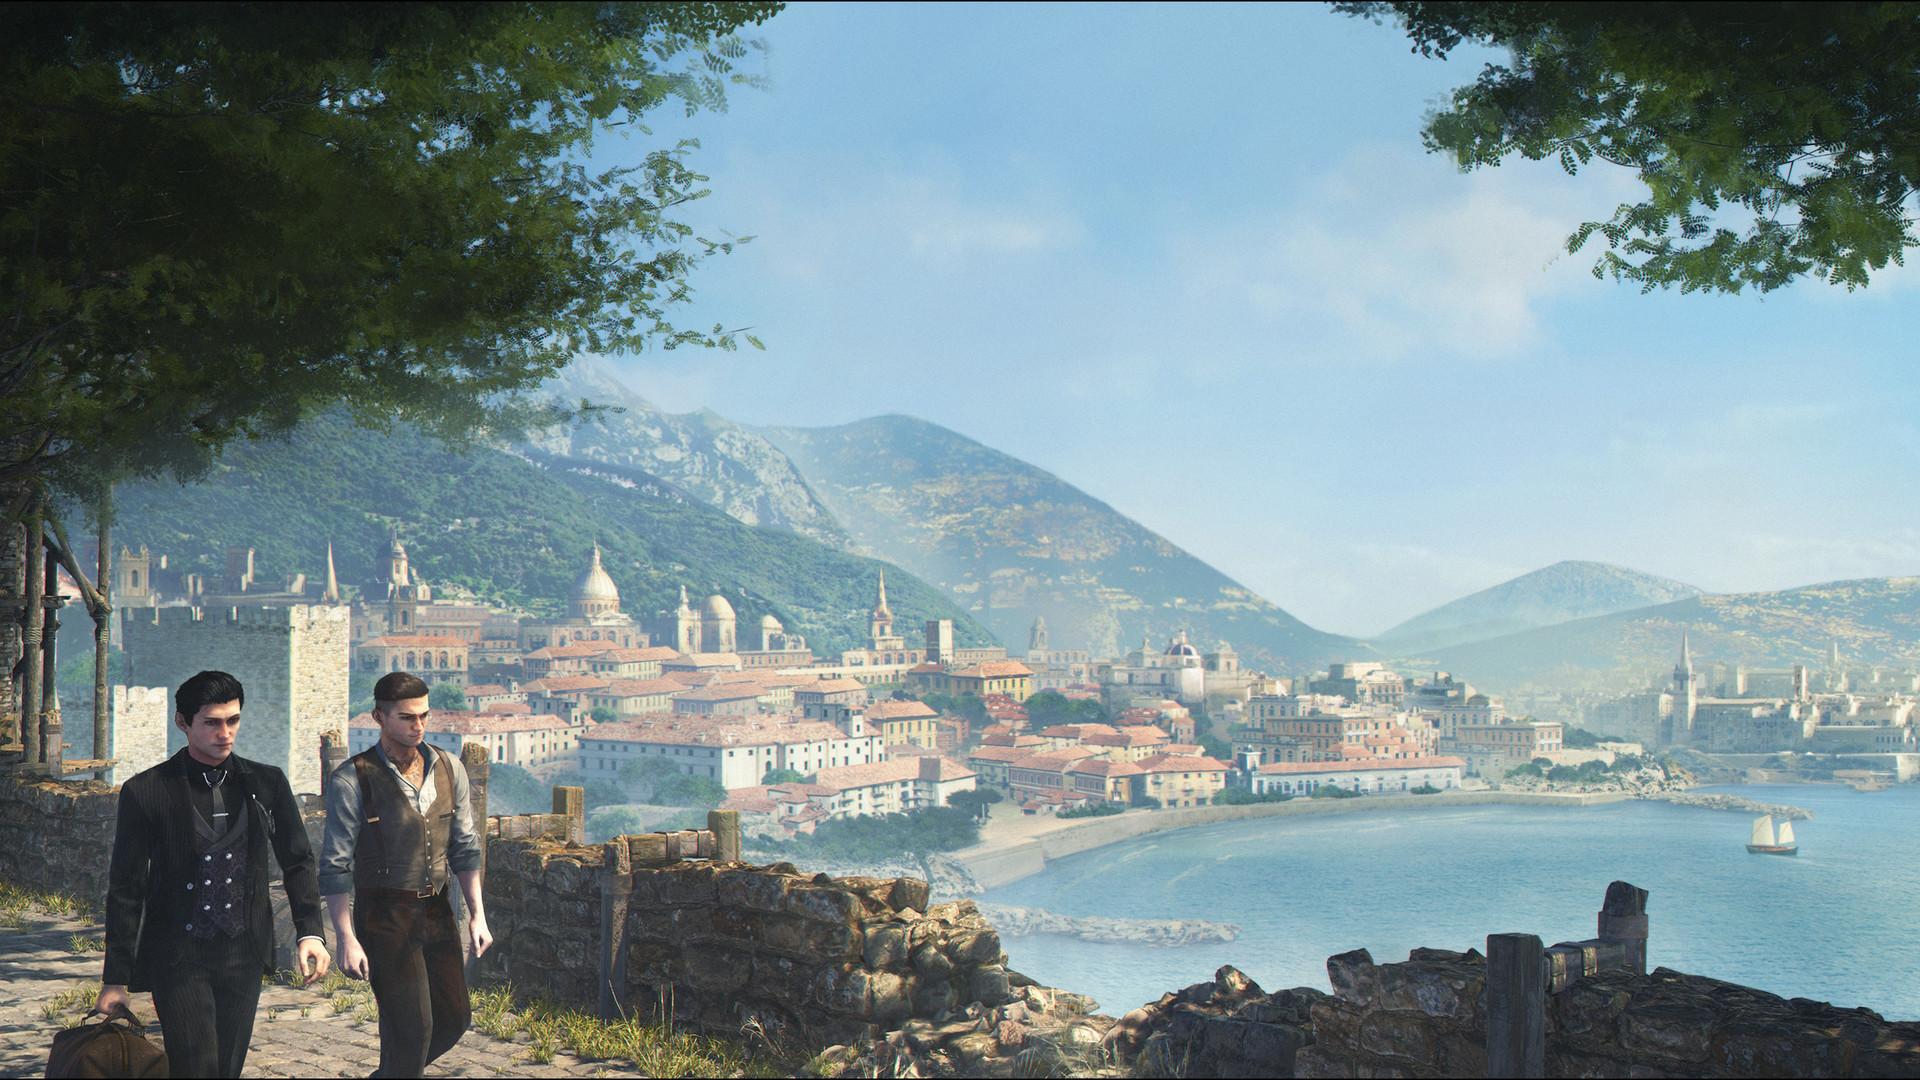 En el lado izquierdo de la pantalla, Holmes, vestido completamente de negro, camina con otro joven, vestido un poco más informalmente, con las mangas de la camisa arremangadas.  Detrás de ellos está la bahía de una ciudad mediterránea, bañada por el sol.